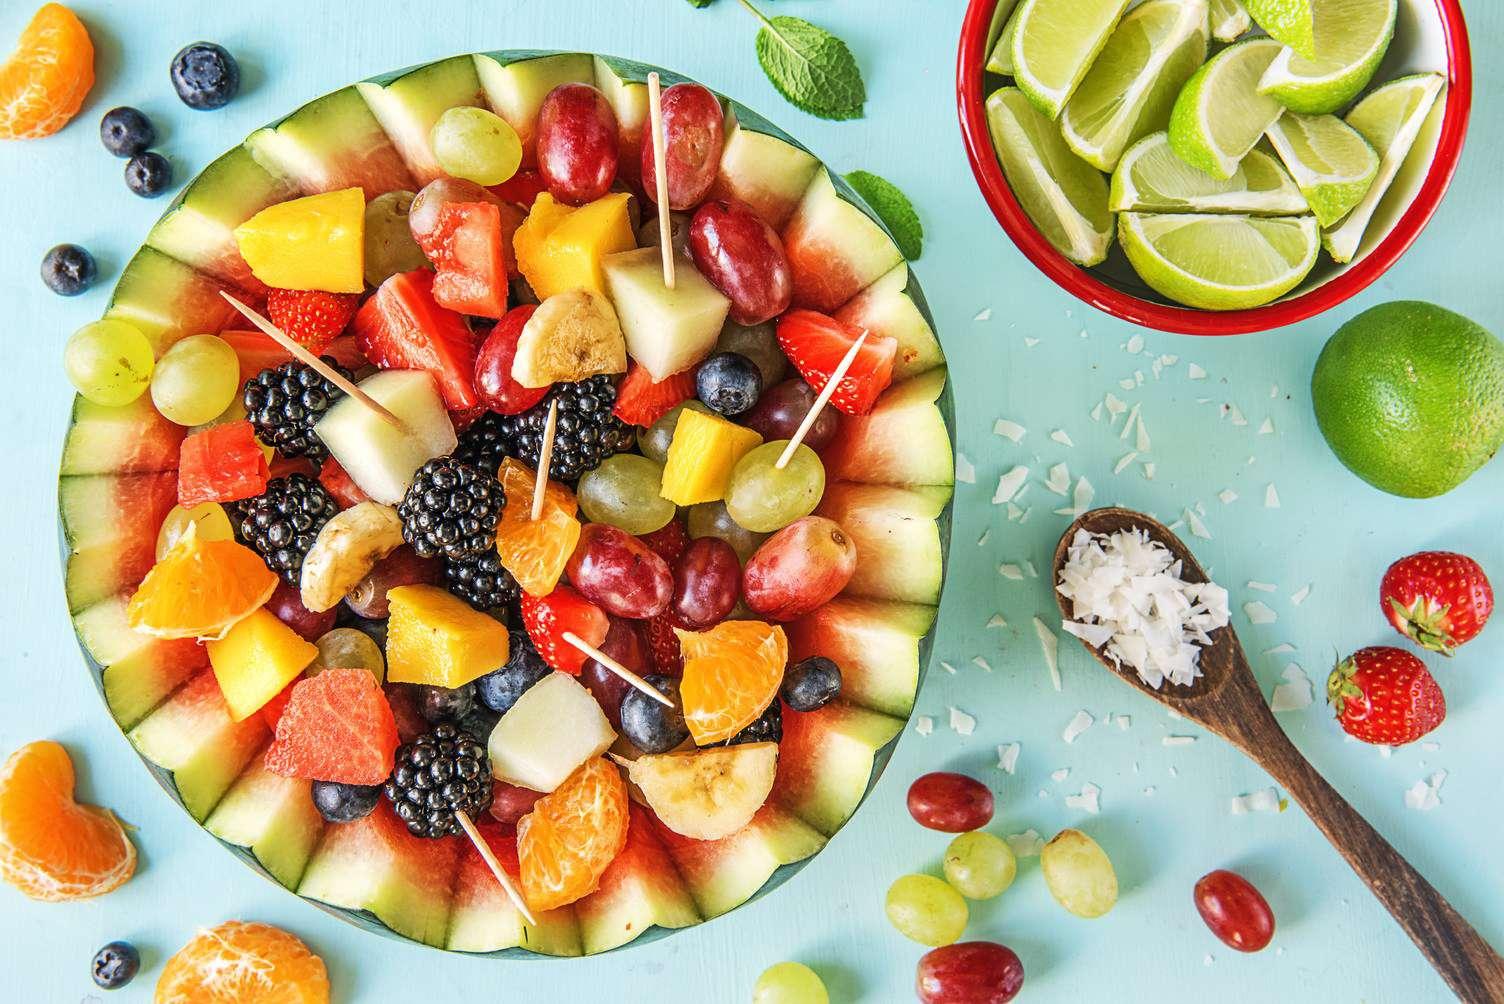 پذیرایی، میوه، لاکچری، مهمان